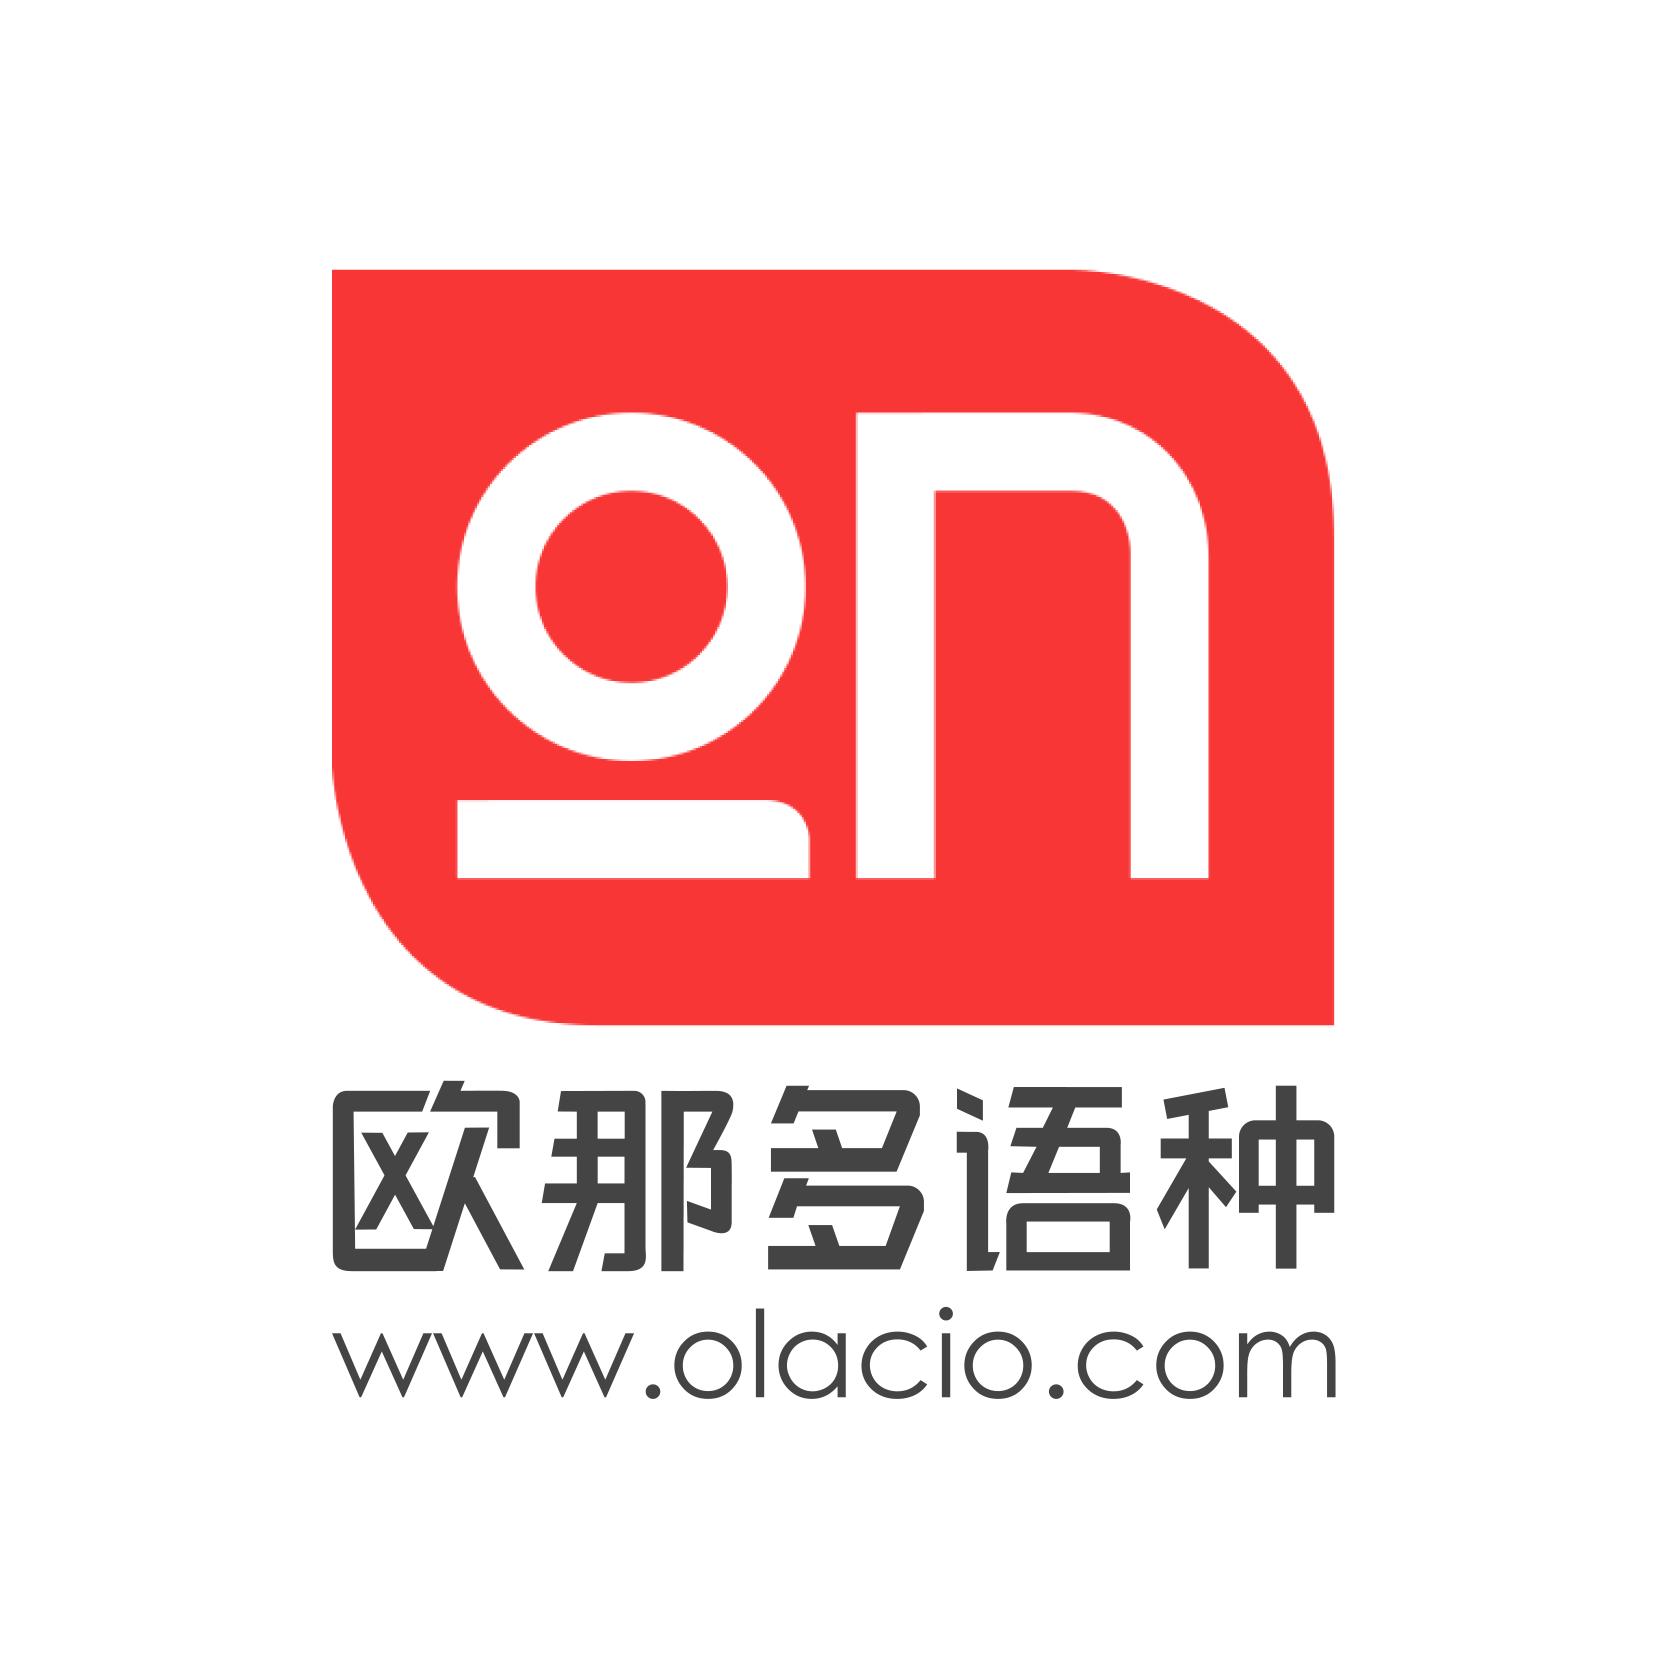 杭州欧那小语种线上培训机构